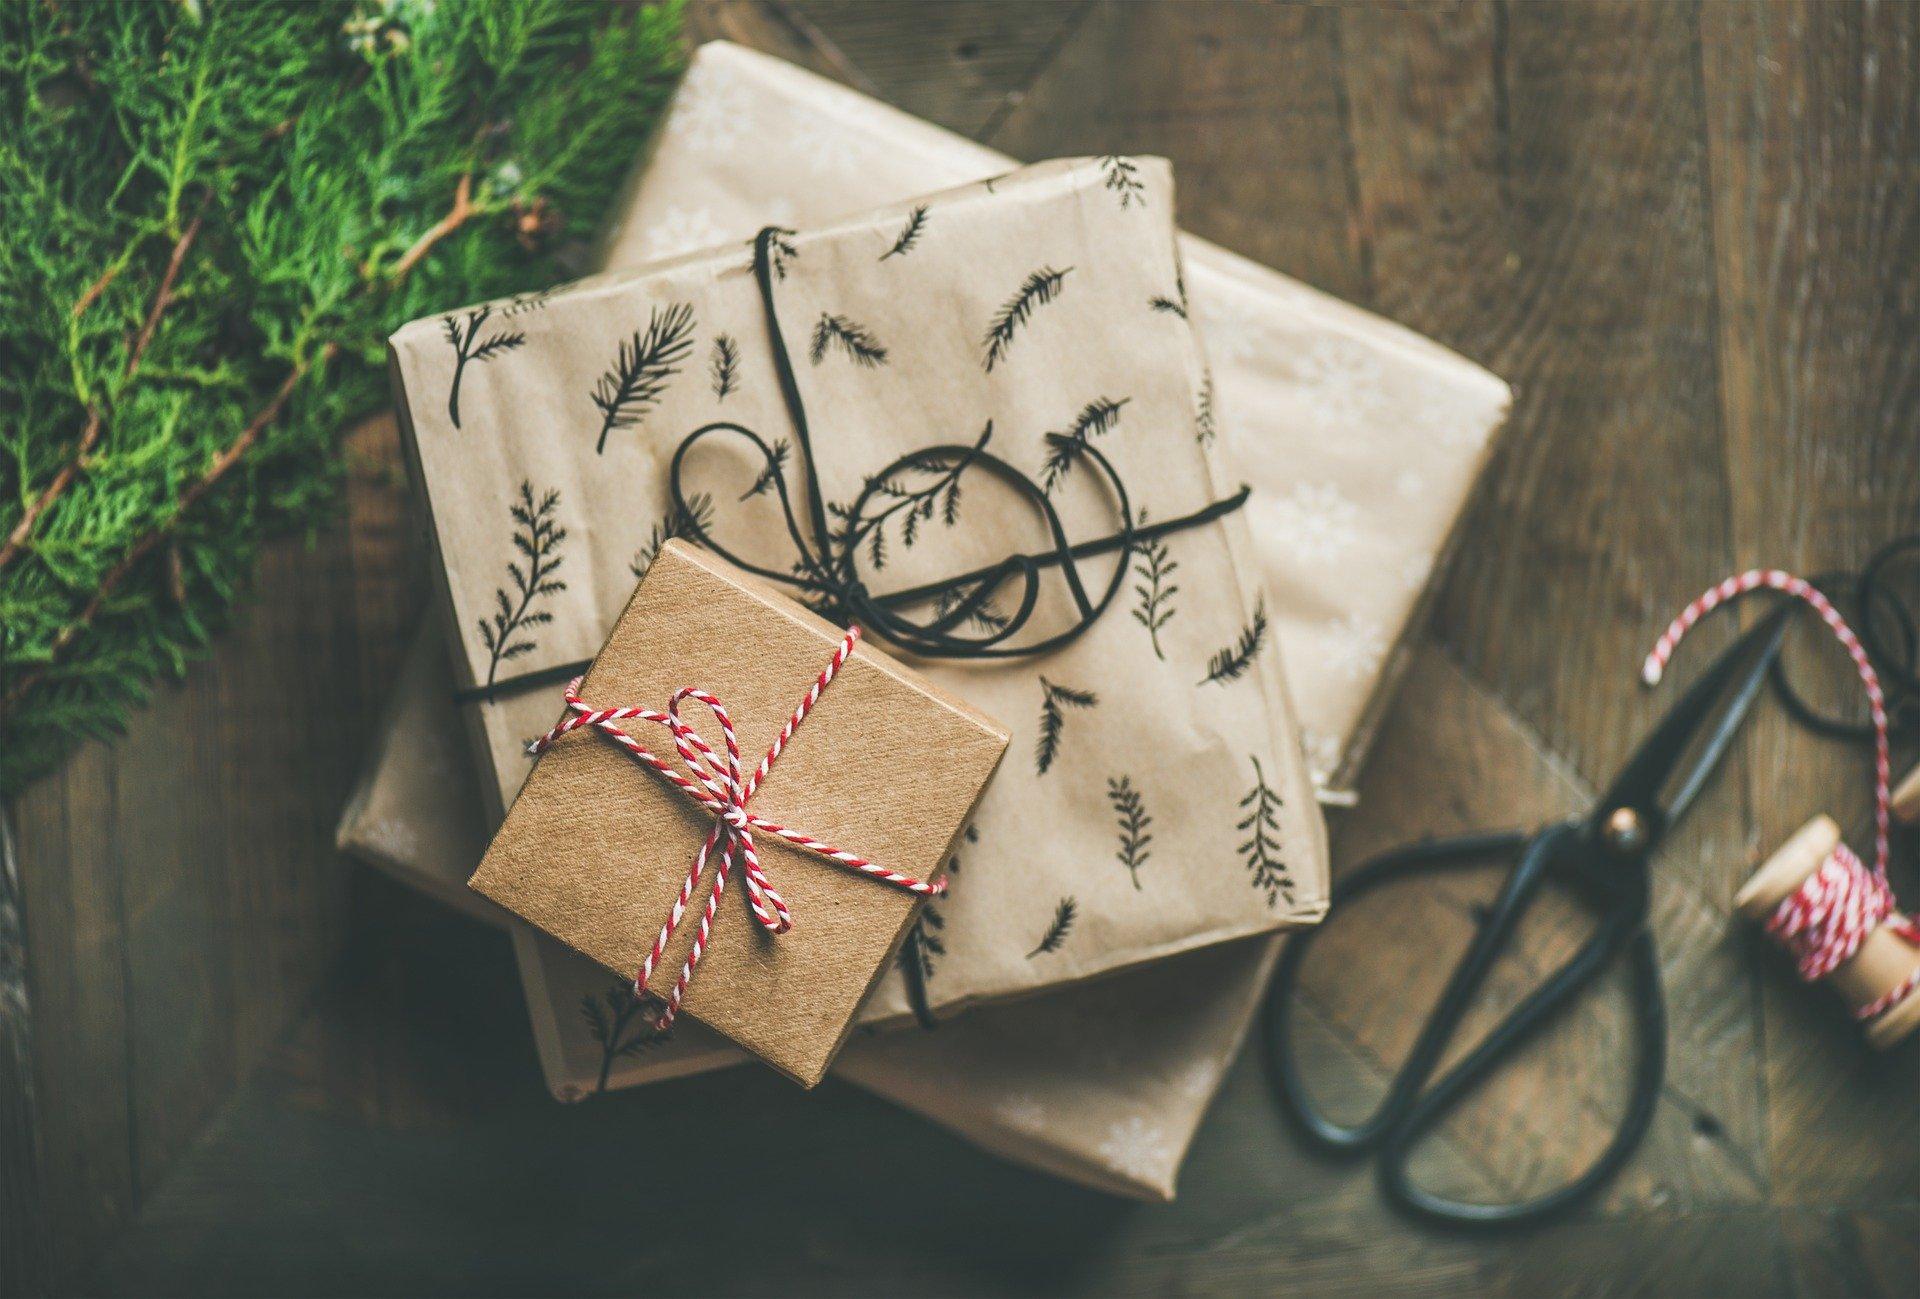 Hübsche nachhaltige Geschenke